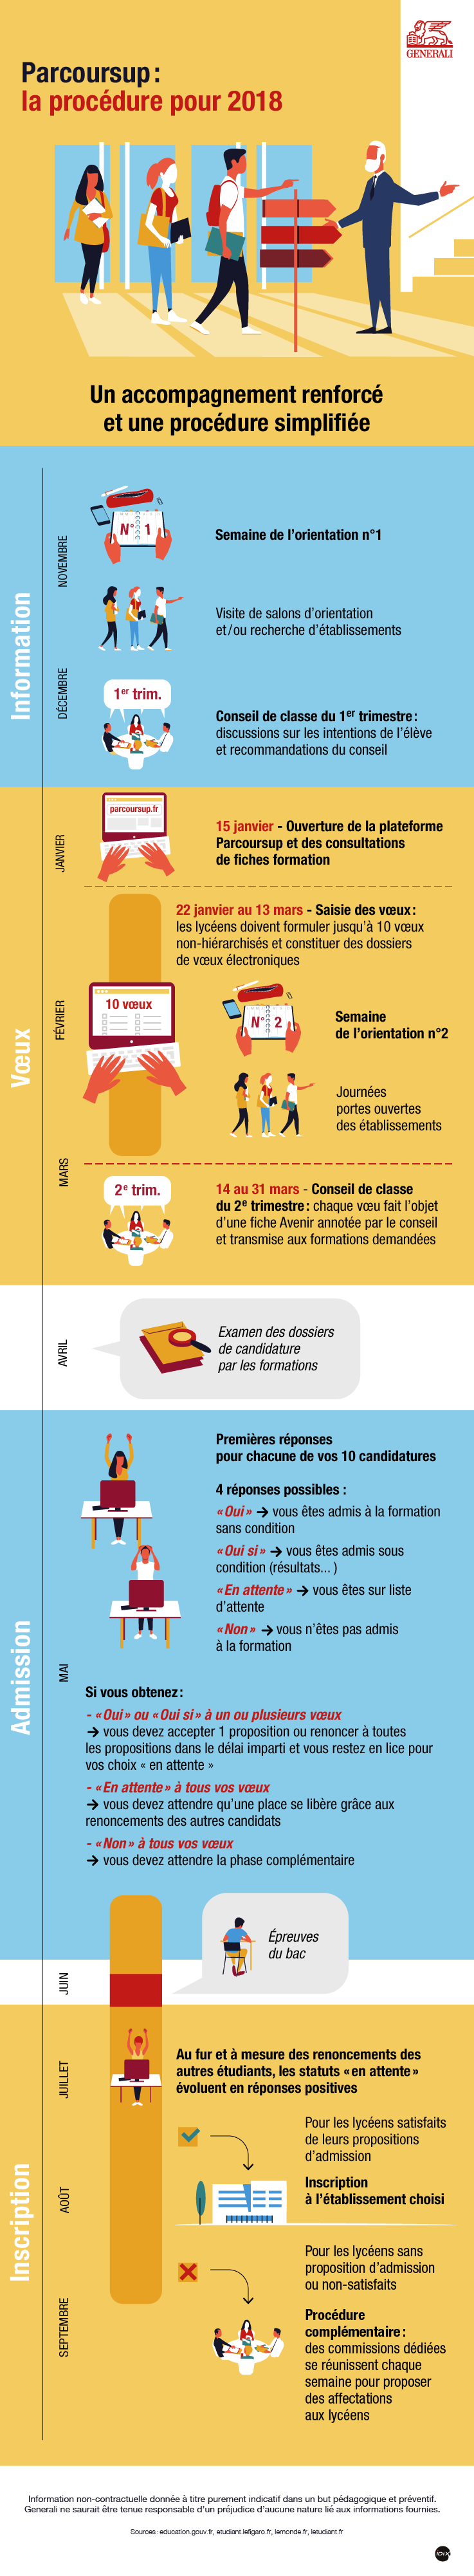 Parcoursup remplace admission post-bac (APB) infographie